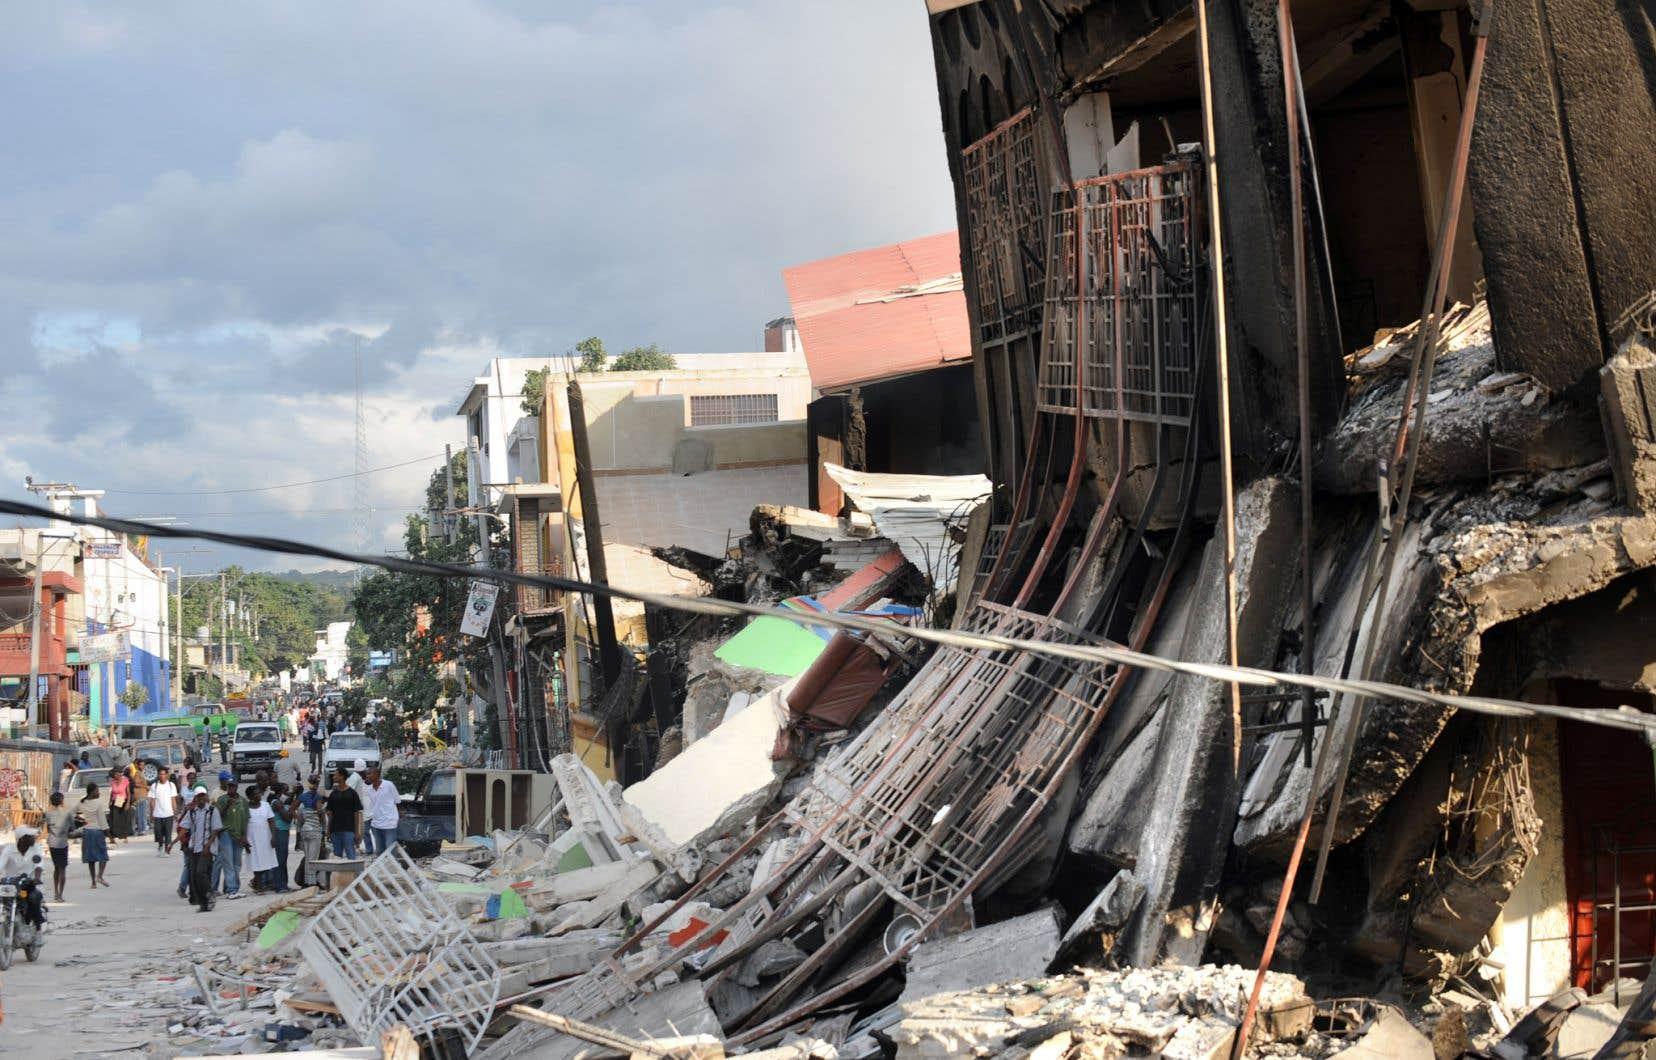 «Des maisons effondrées, des morts, des blessés jonchaient les rues de Port-au-Prince», se remémore l'auteur.